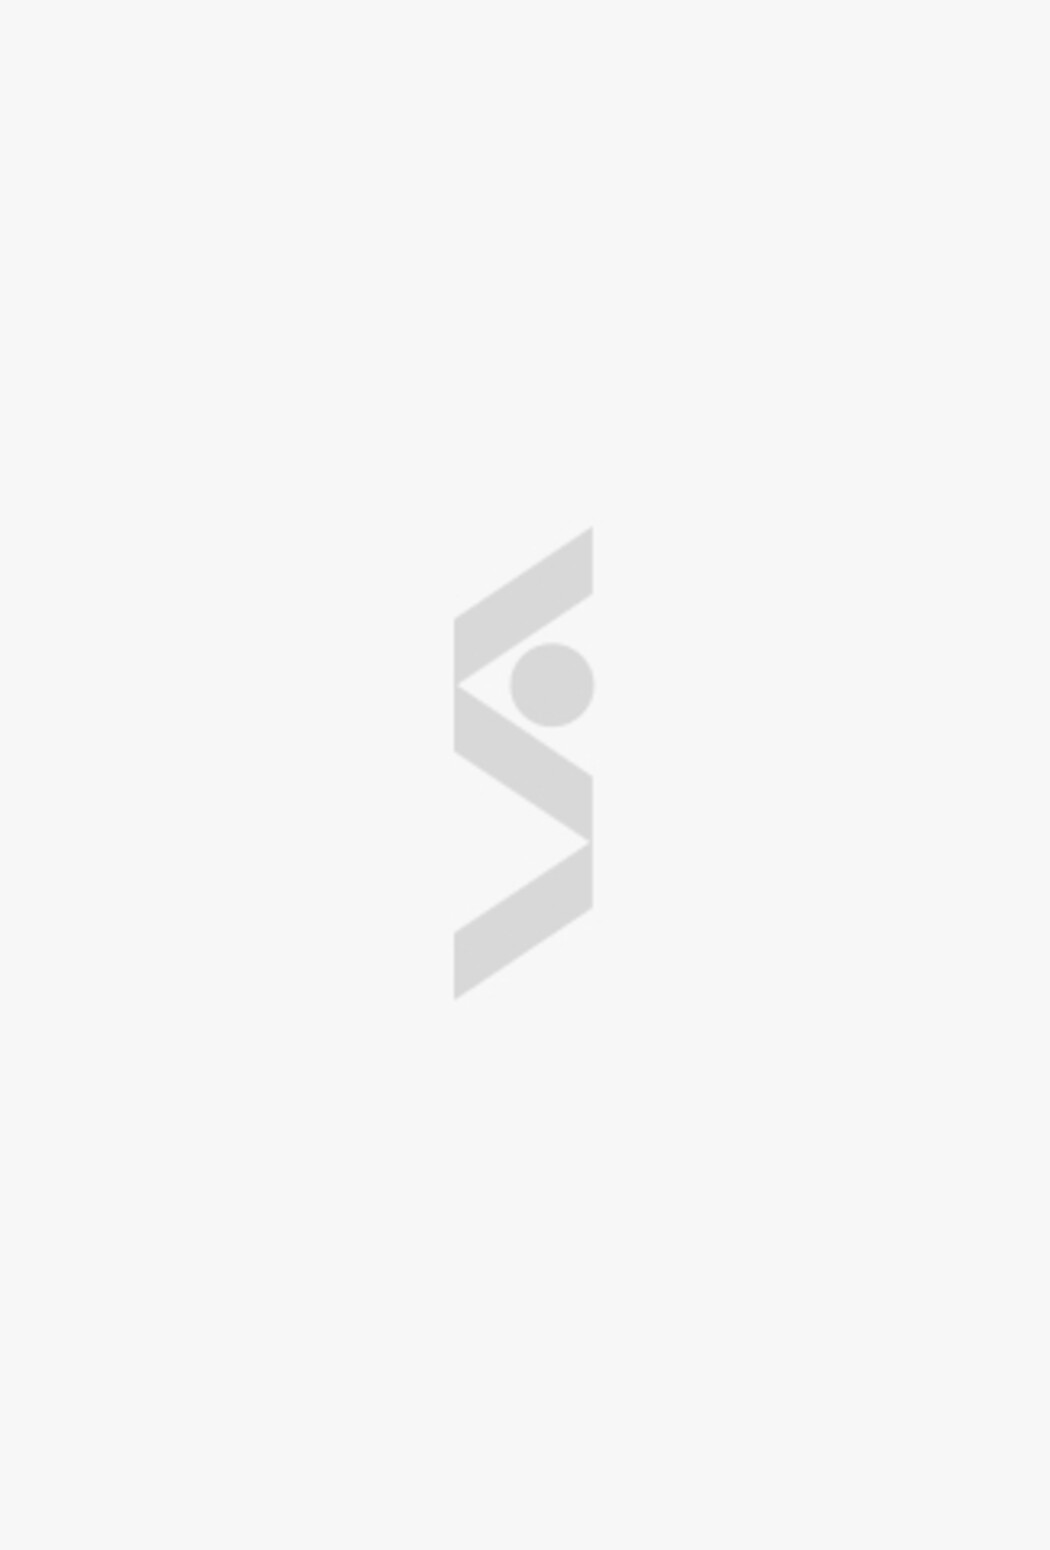 Хлопковые спортивные брюки Guess - цена 1490 ₽ купить в интернет-магазине СТОКМАНН в Москве